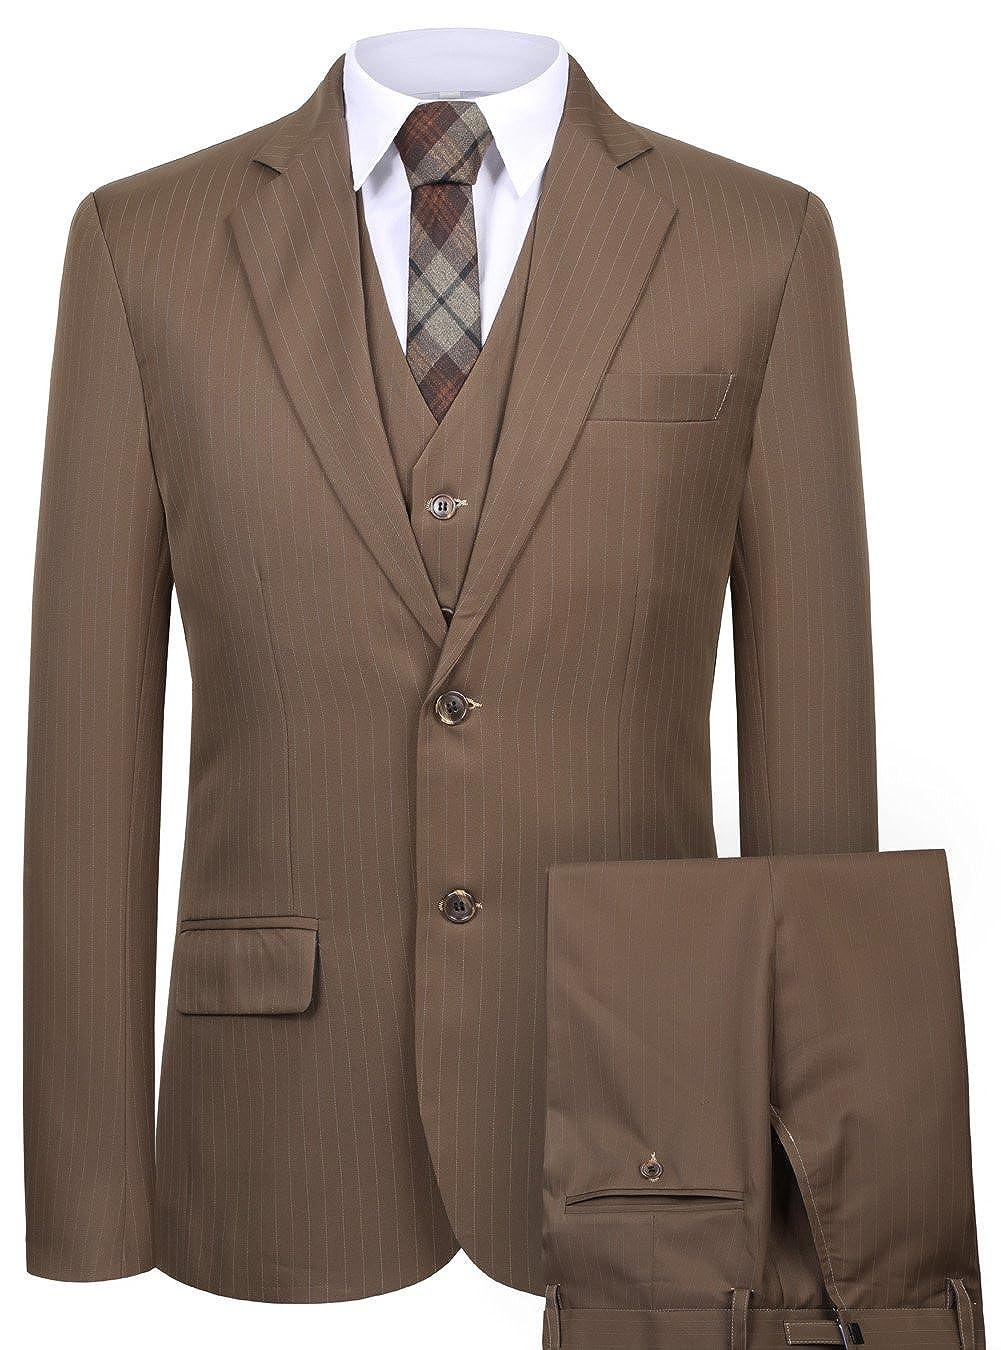 CMDC Men's 3 Pieces Business Suits Slim Fit Stripe Blazer Jacket Vest Pants Set SI137-SPV-Black-A1